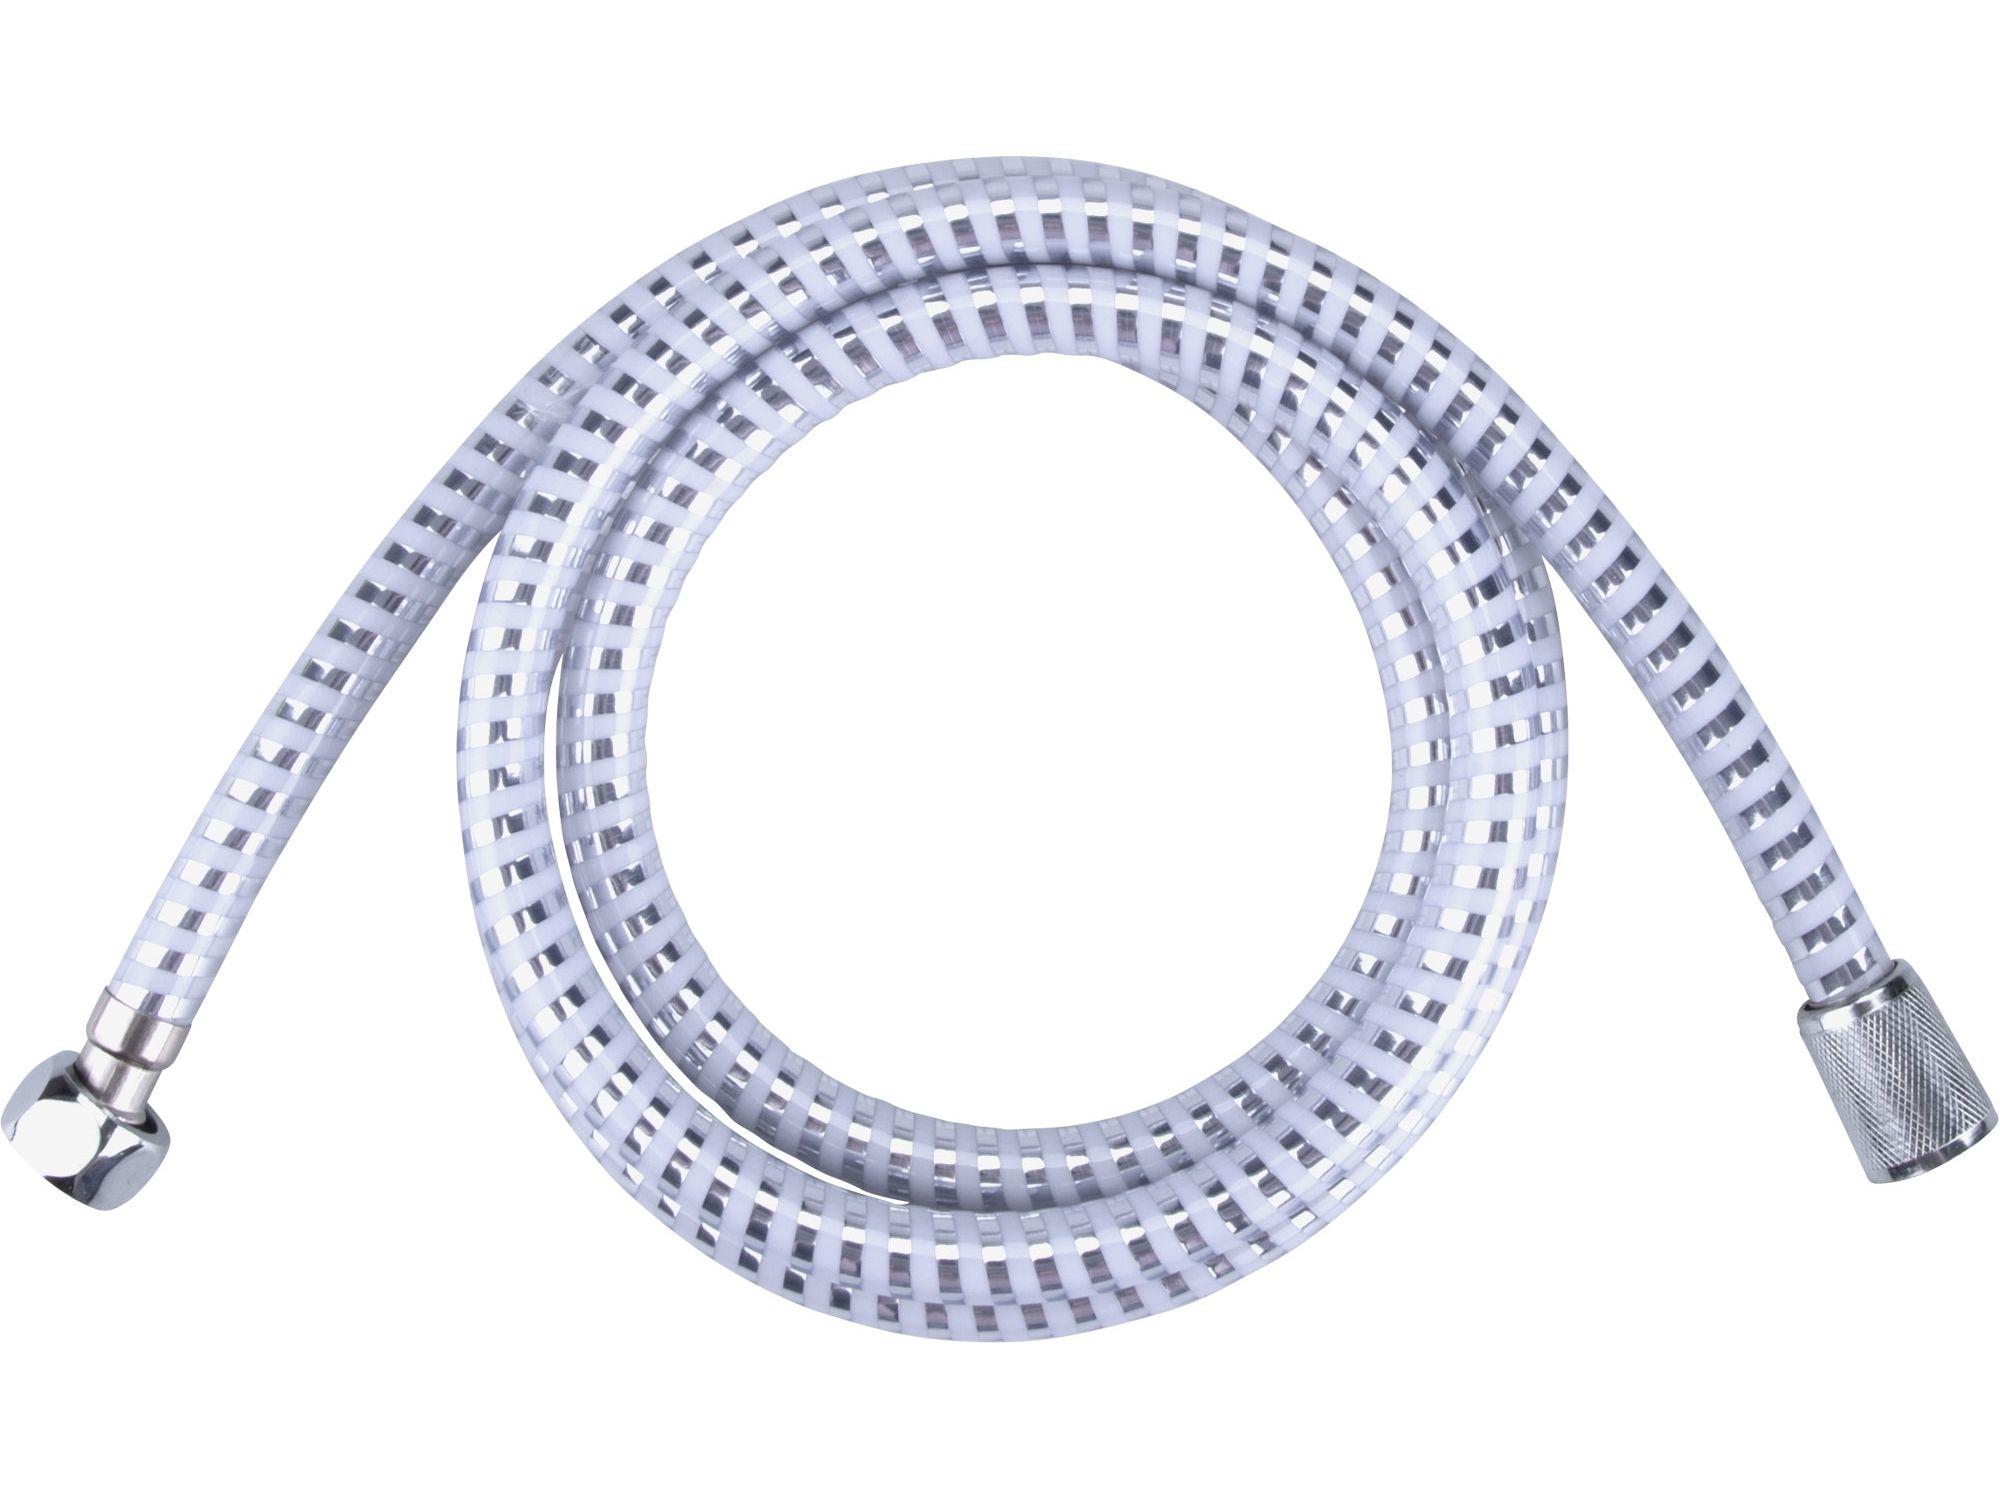 Hadice sprchová, stříbrný pruh, 180cm, PVC VIKING